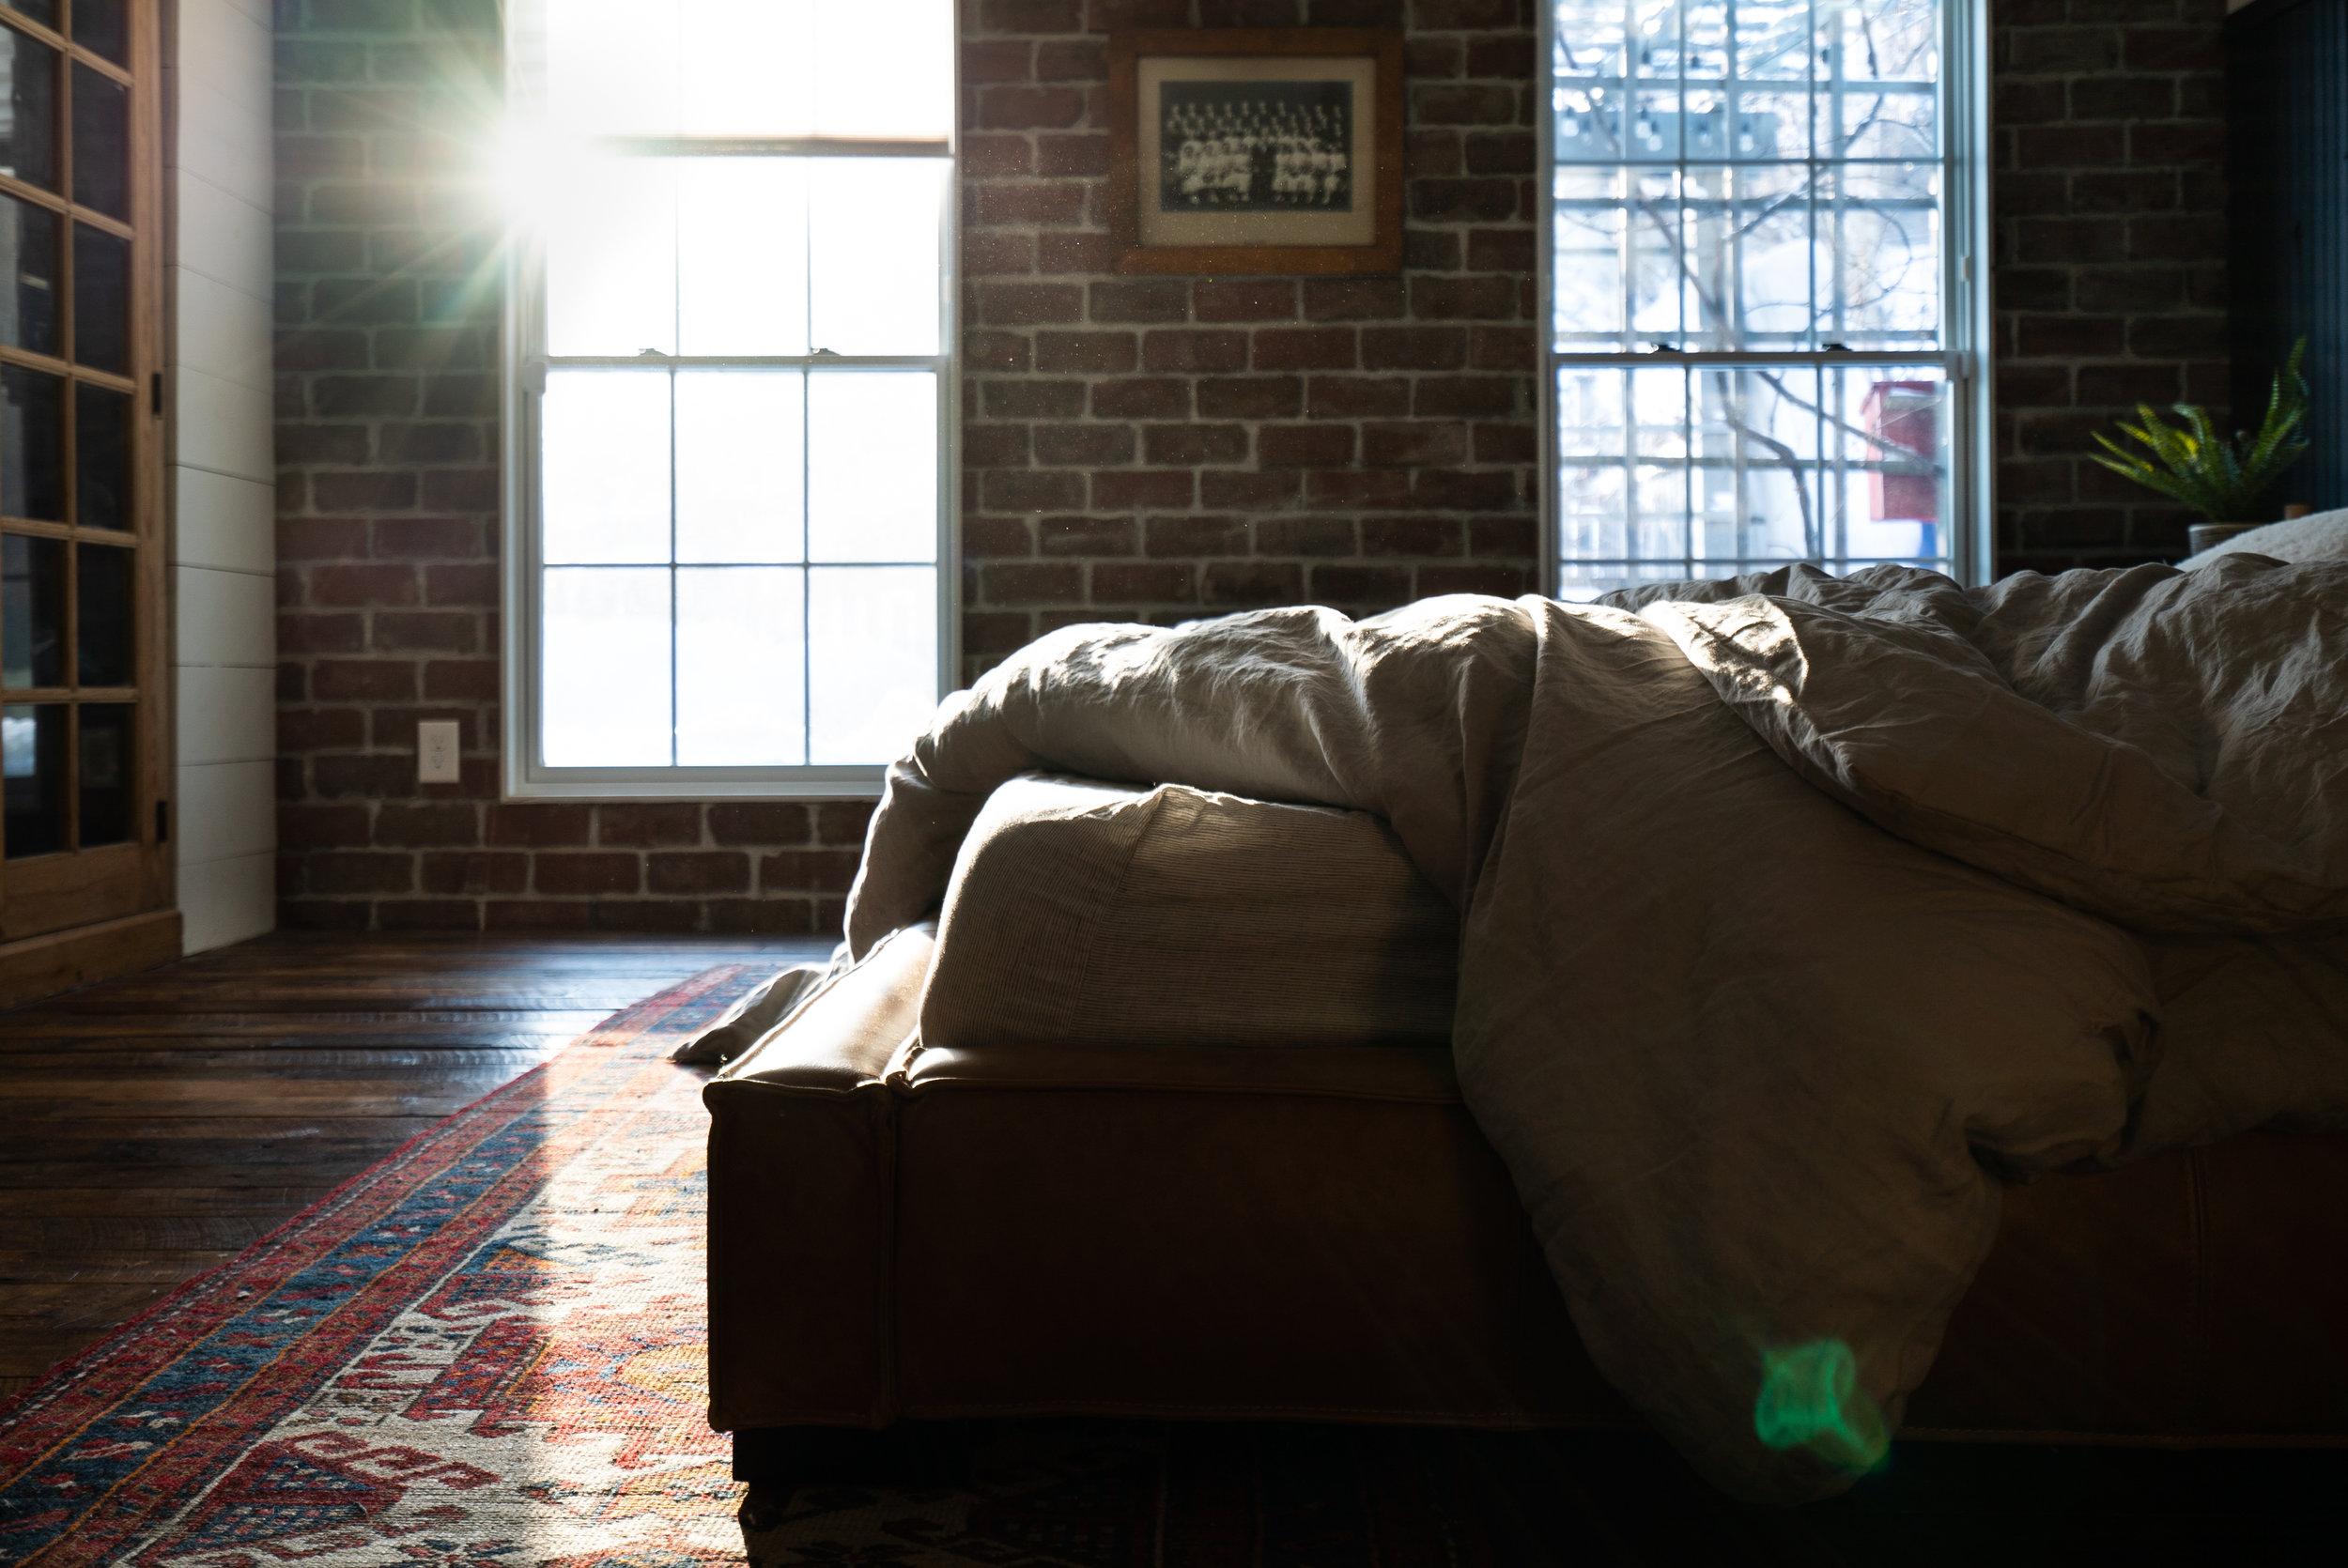 bedroomsunlightwindowrugphoto